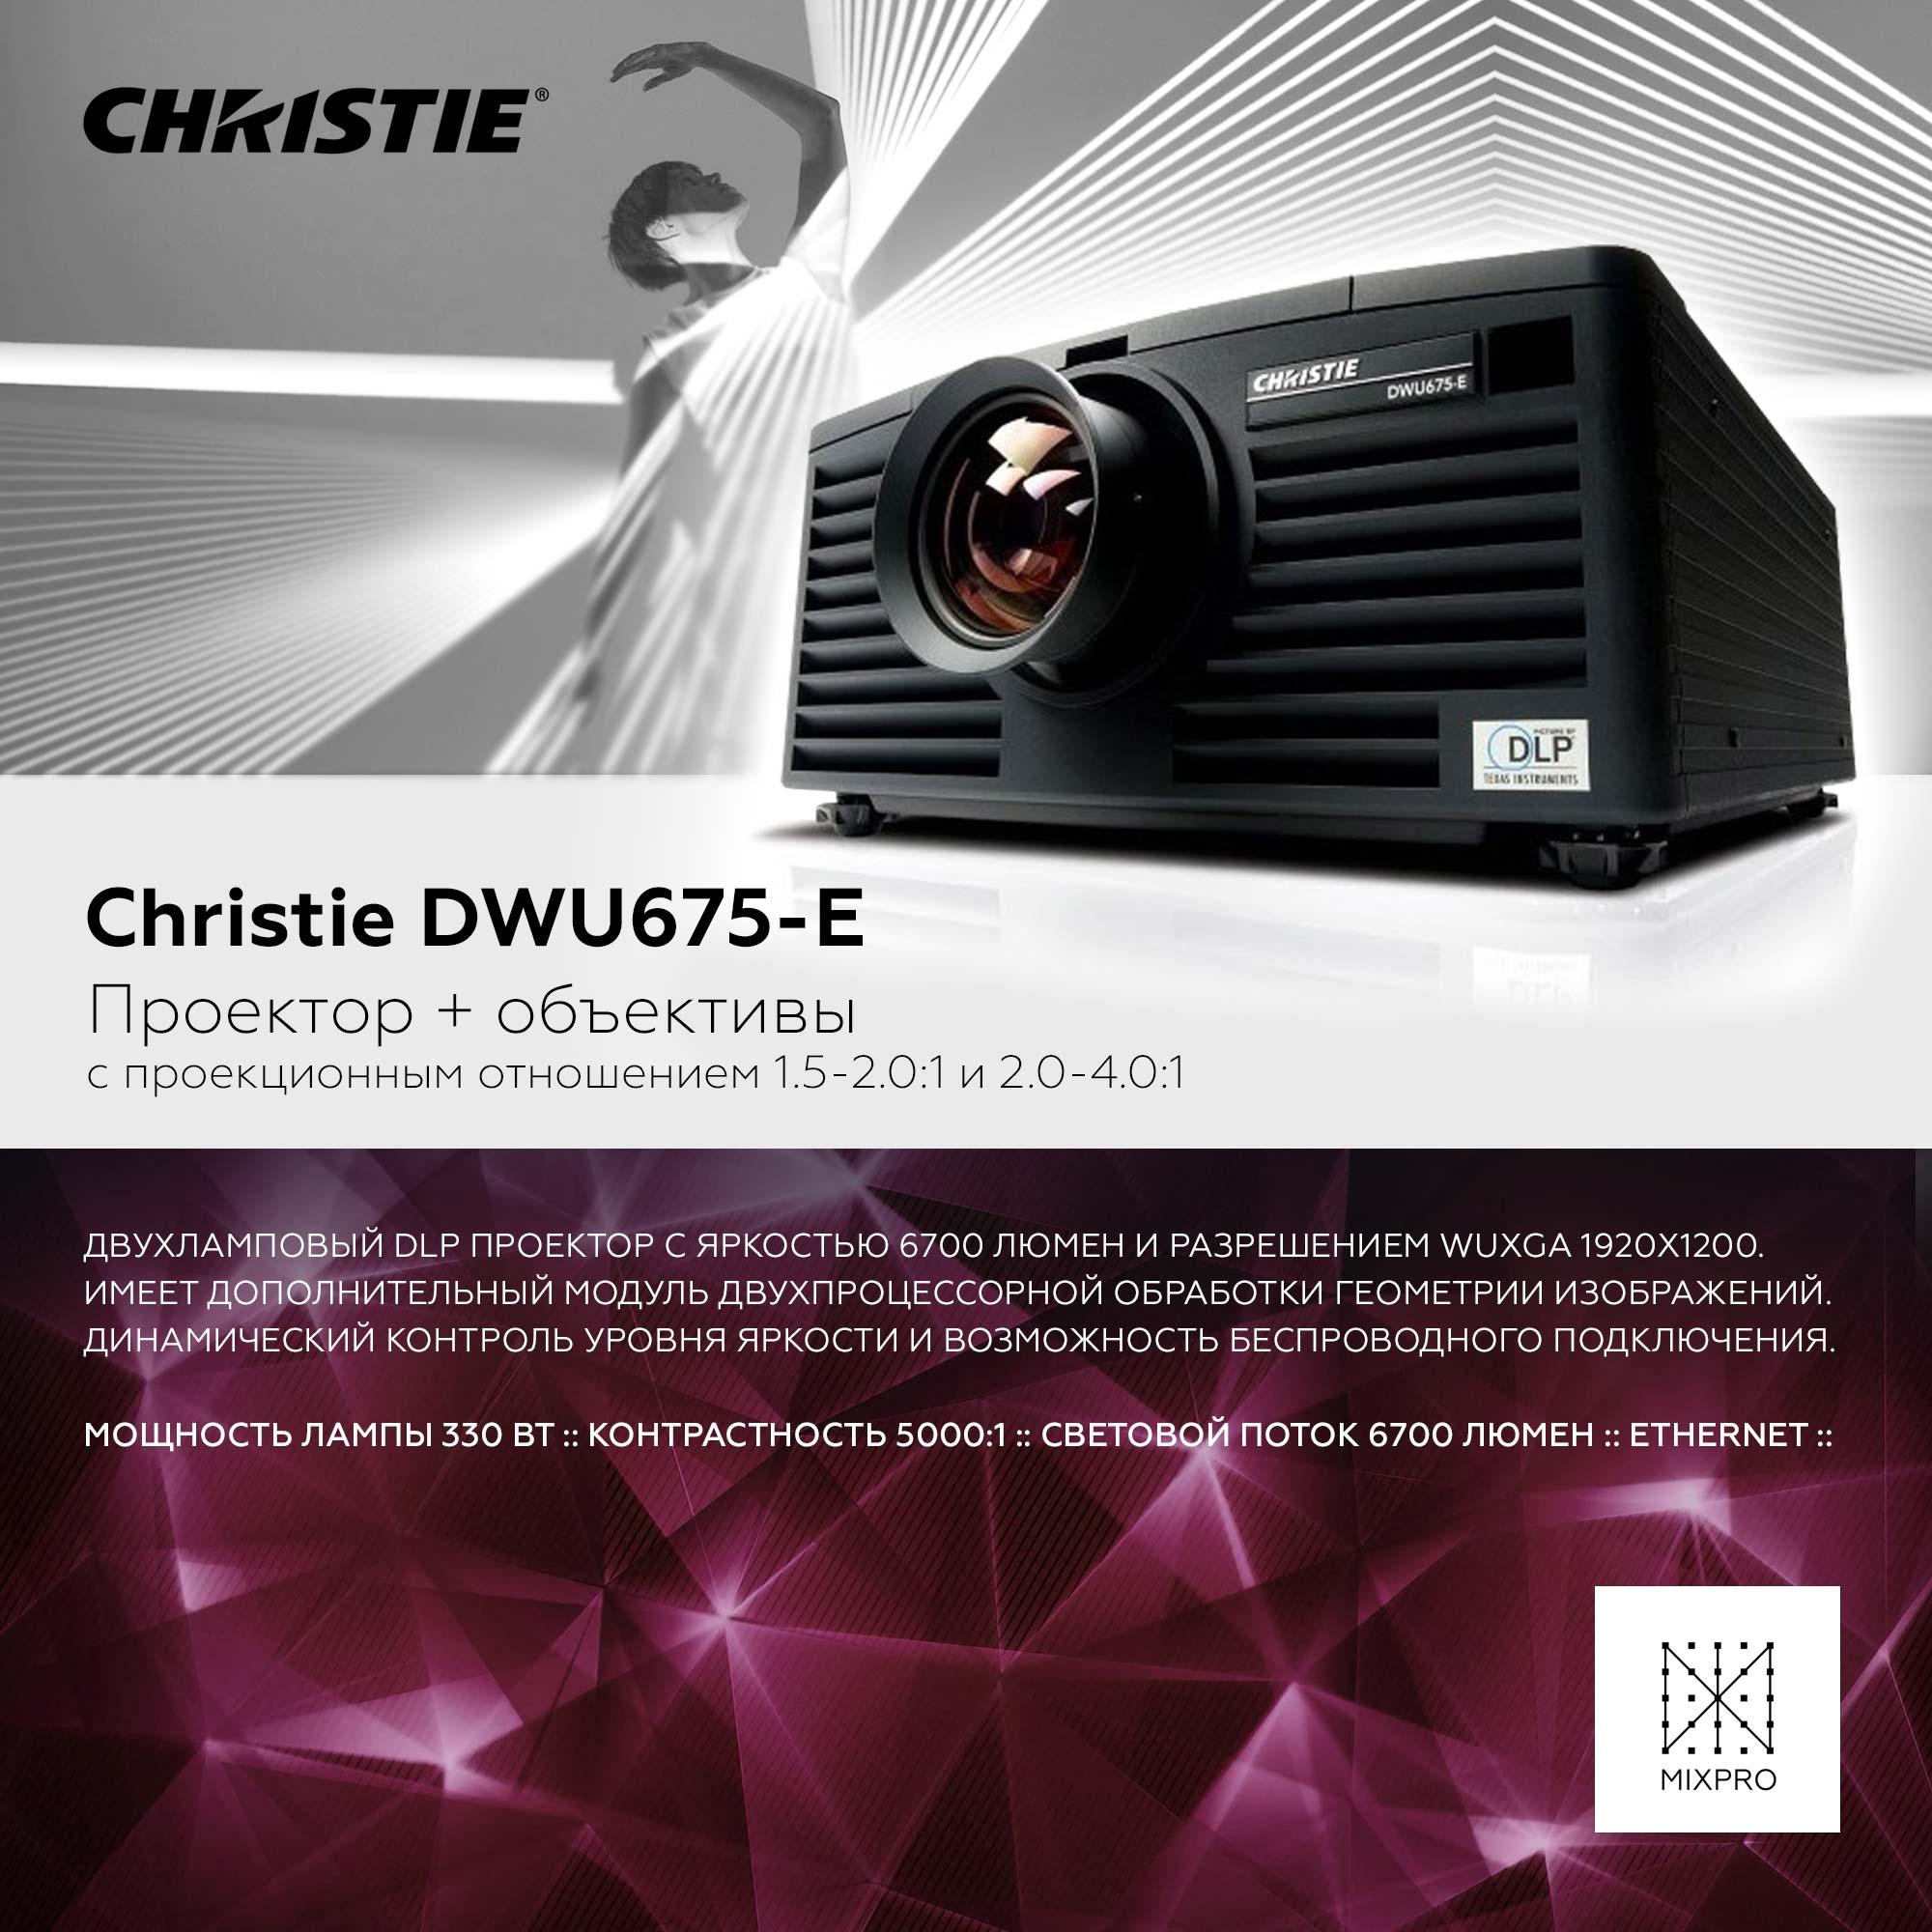 2 Мультимедиа проектора Christie DWU675-E